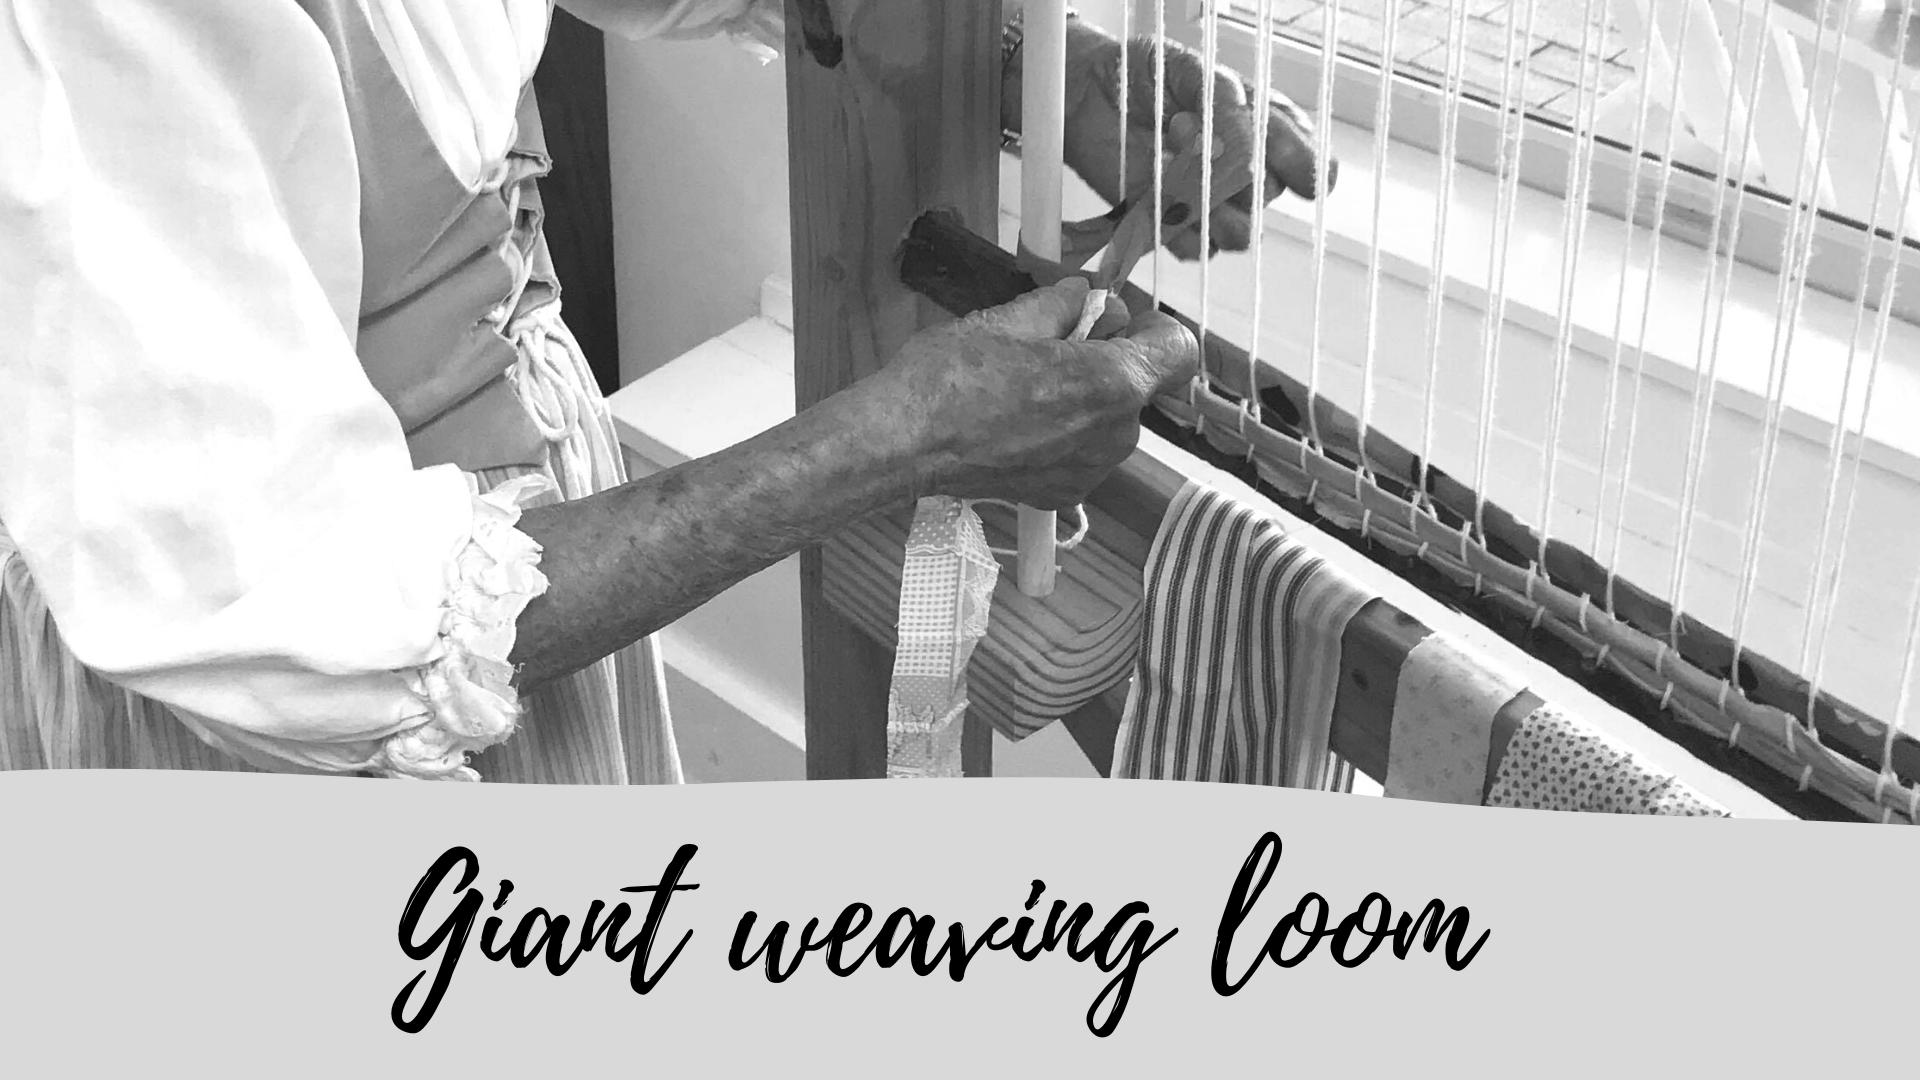 giant weaving loom